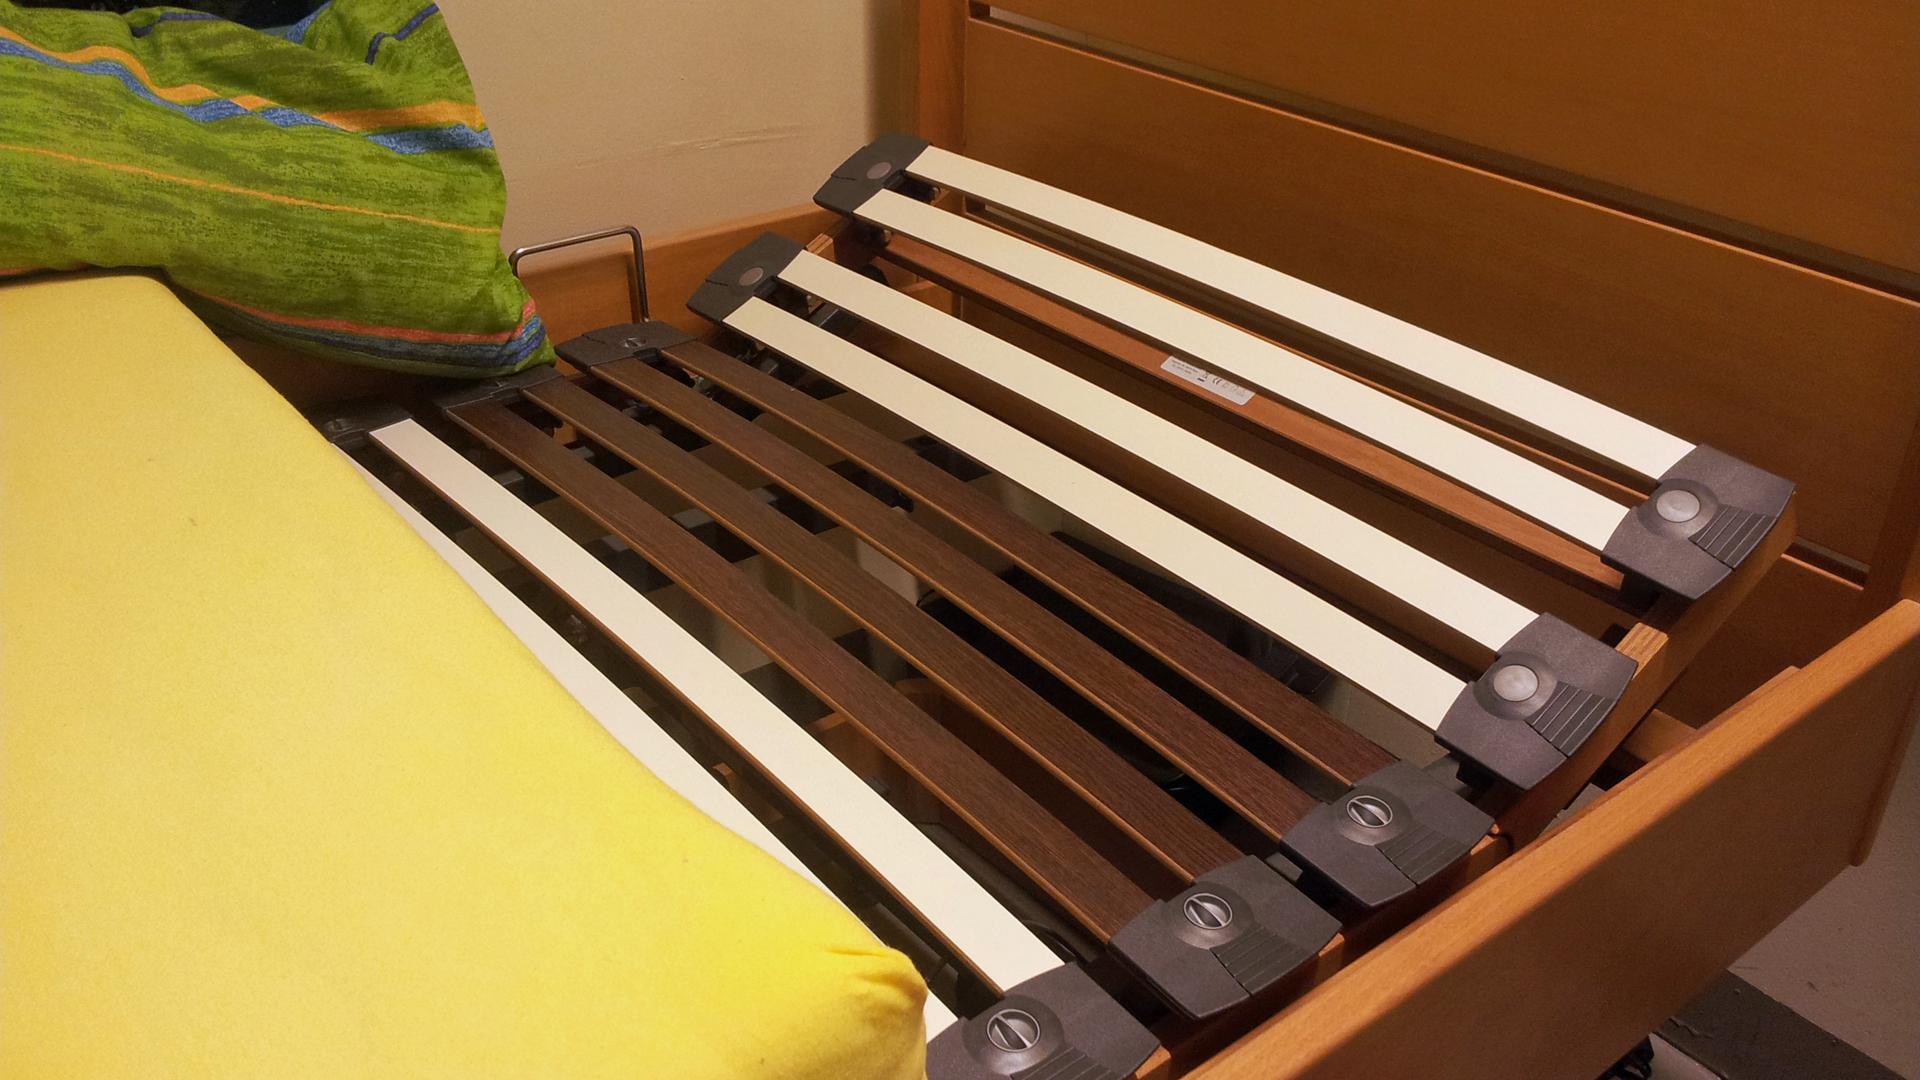 Full Size of Bett Lattenrost Knarrt Matratze Komplett Inkl Und Mit 90x200 Elektrisch Verstellbaren Ikea Malm Quietscht 160x200 Verstellbar 180x200 Selber Bauen Hilfsmittel Bett Bett Lattenrost